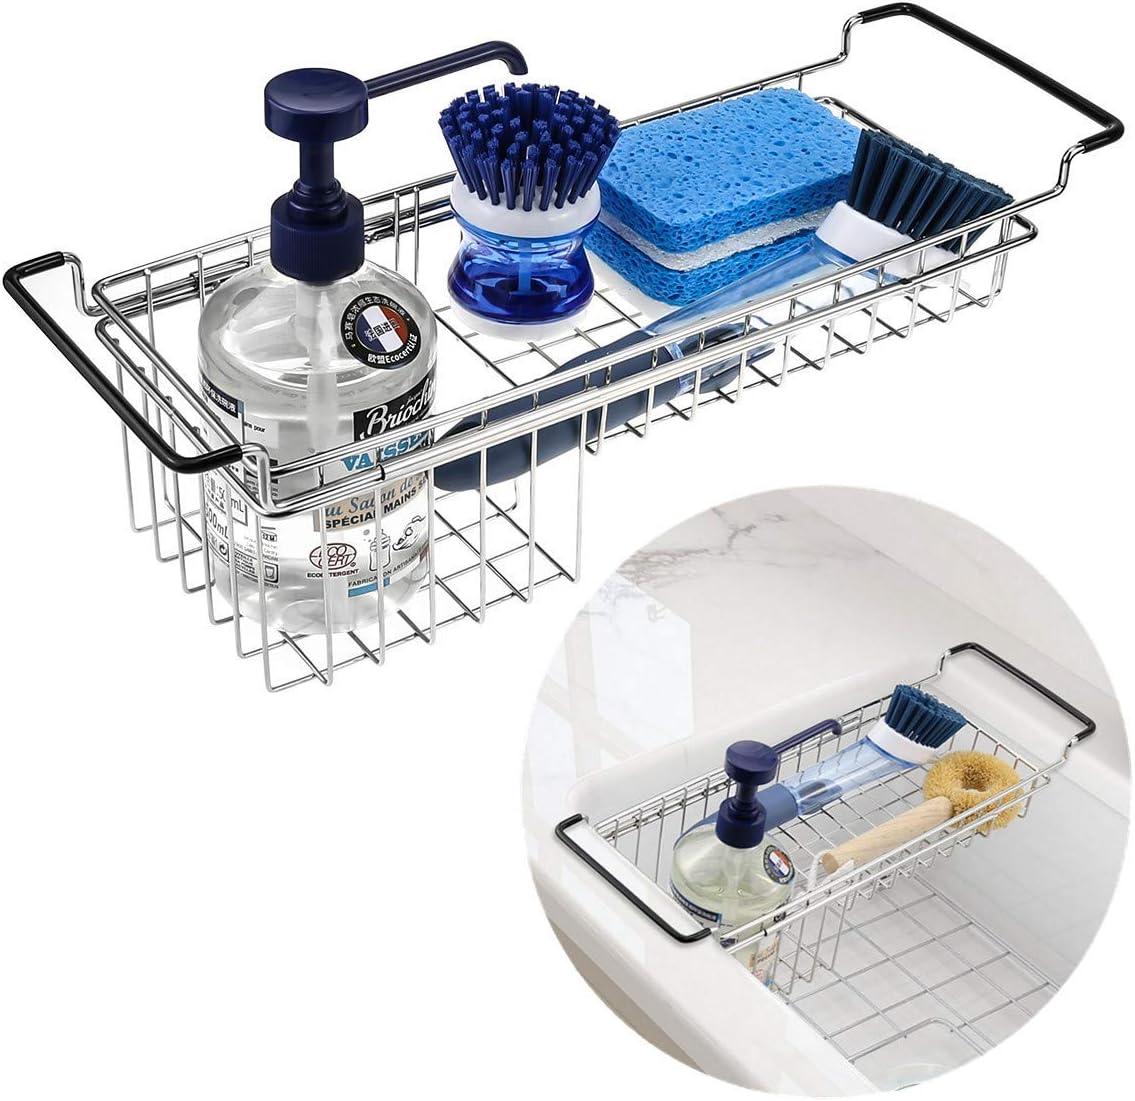 Sink Sponge Caddy Holder Portable Stainless Steel Organizer Kitchen Accessories